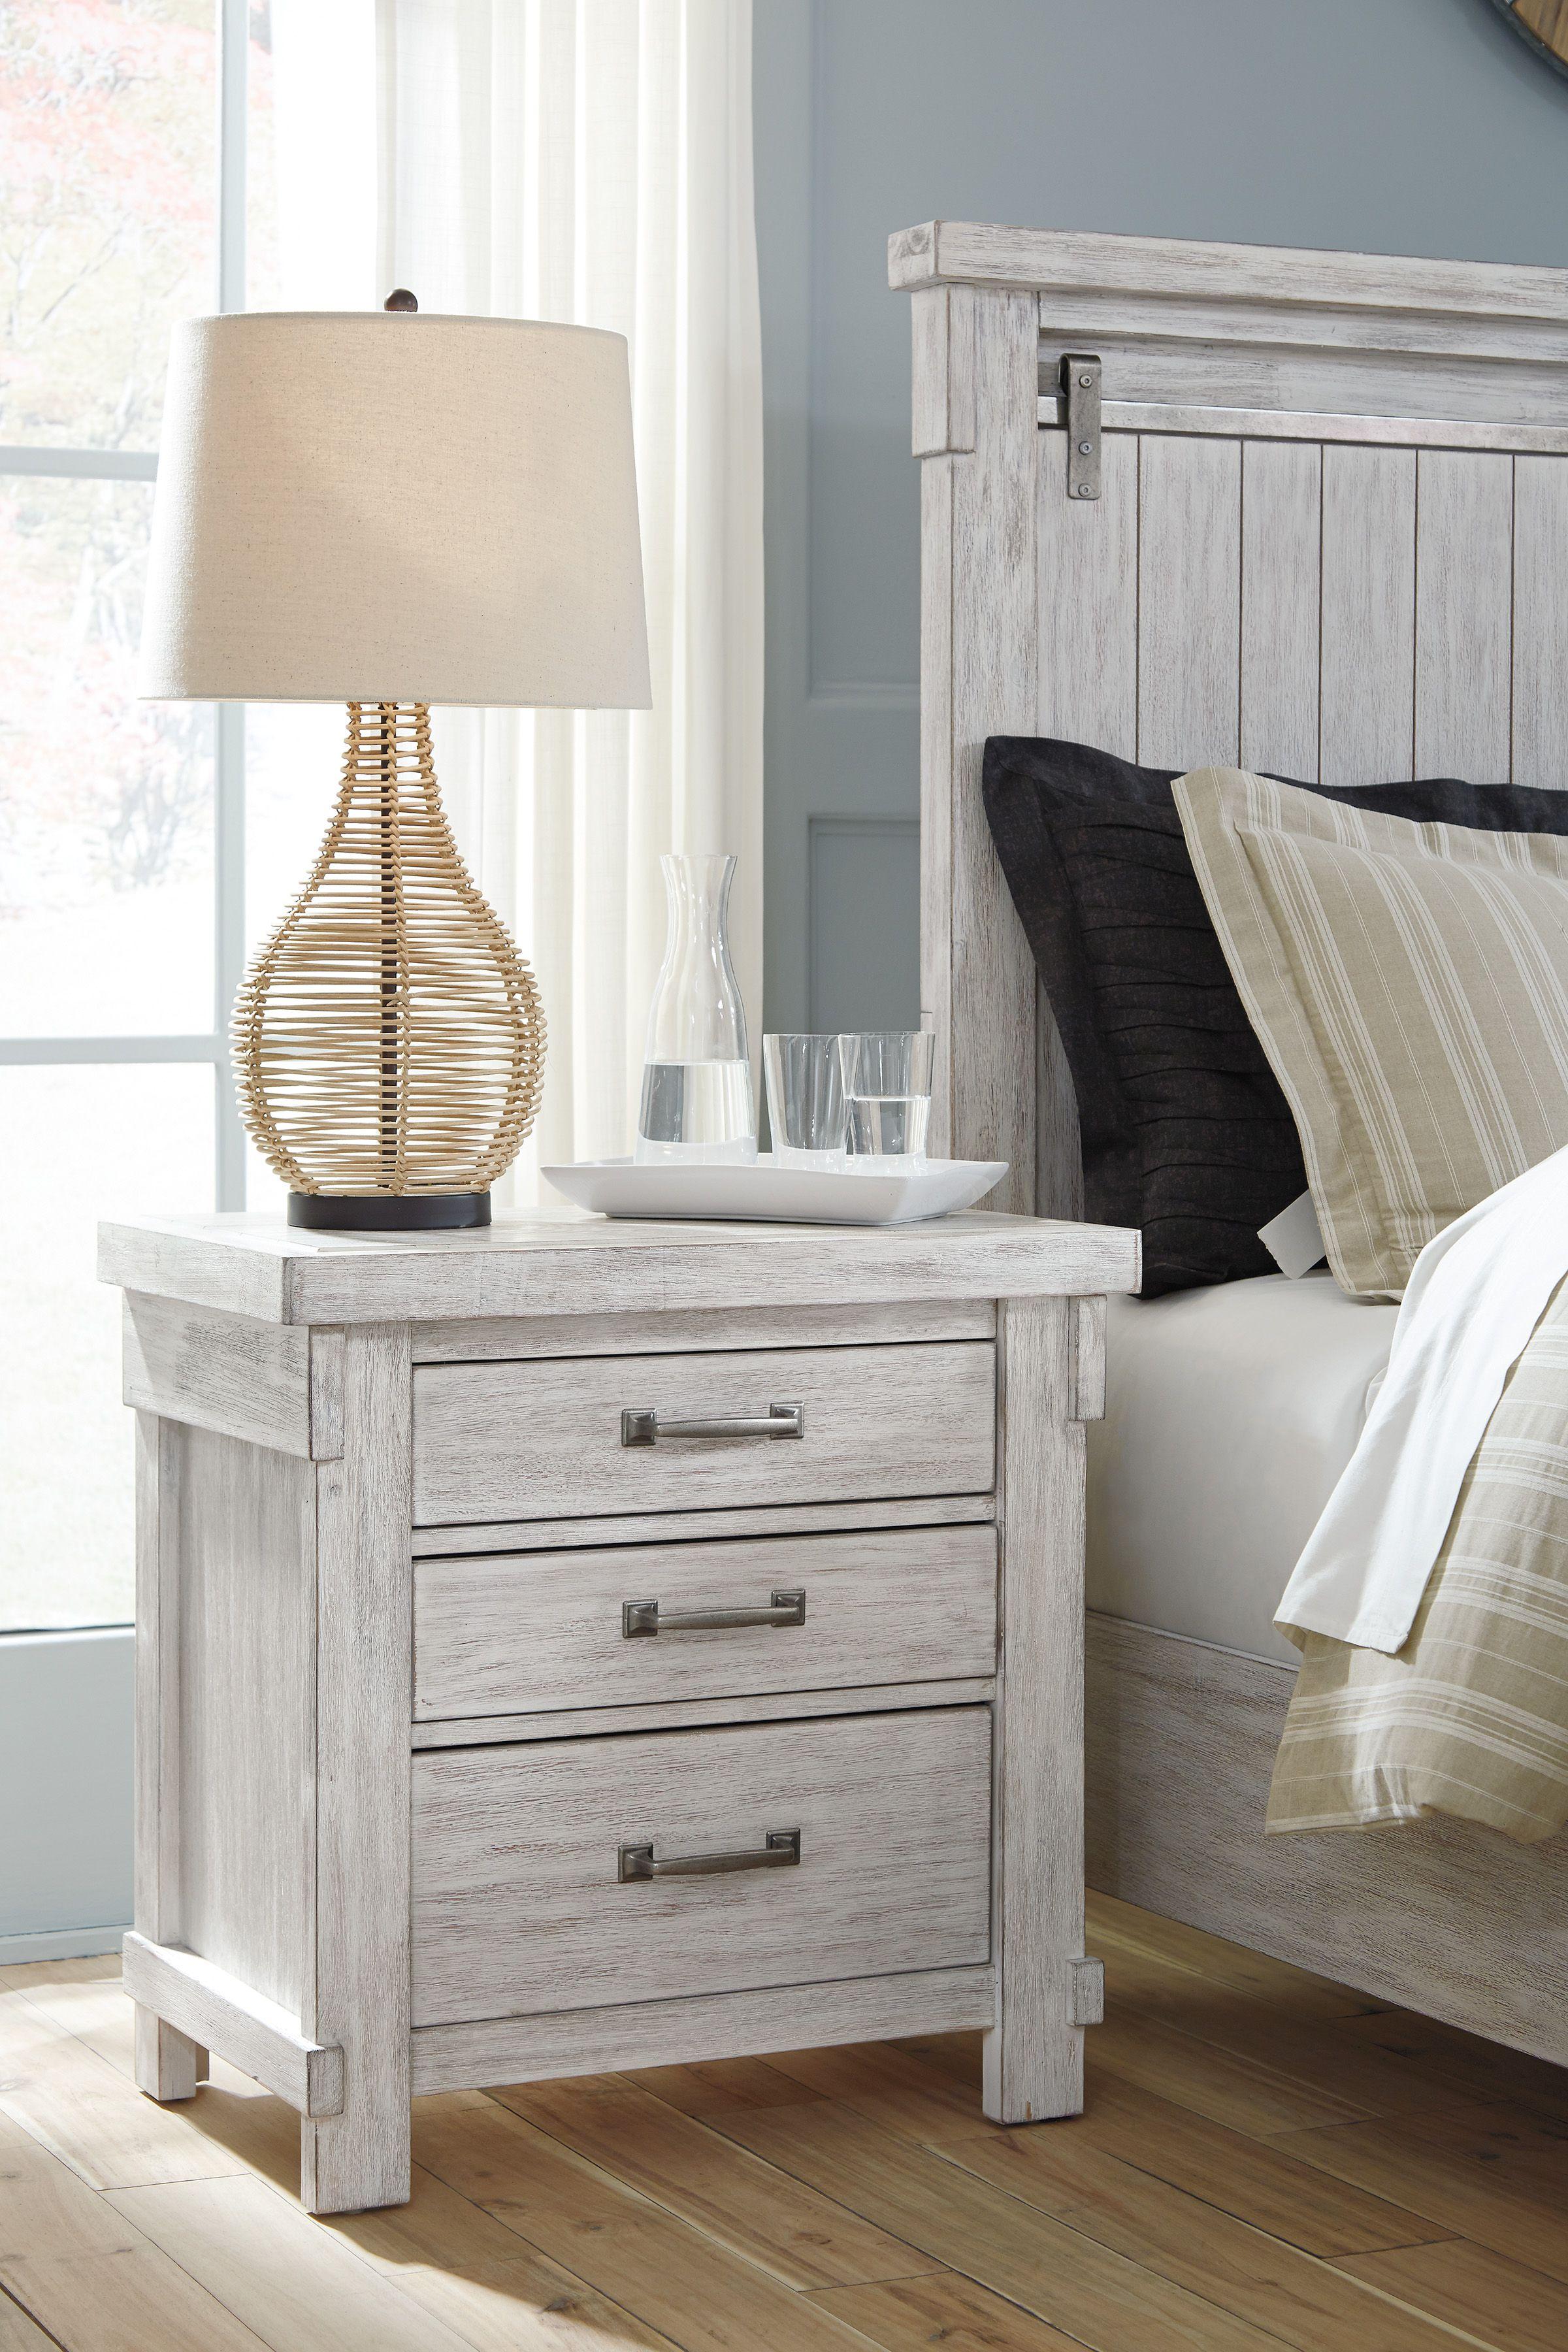 Brashland Three Drawer Nightstand White nightstand, 5